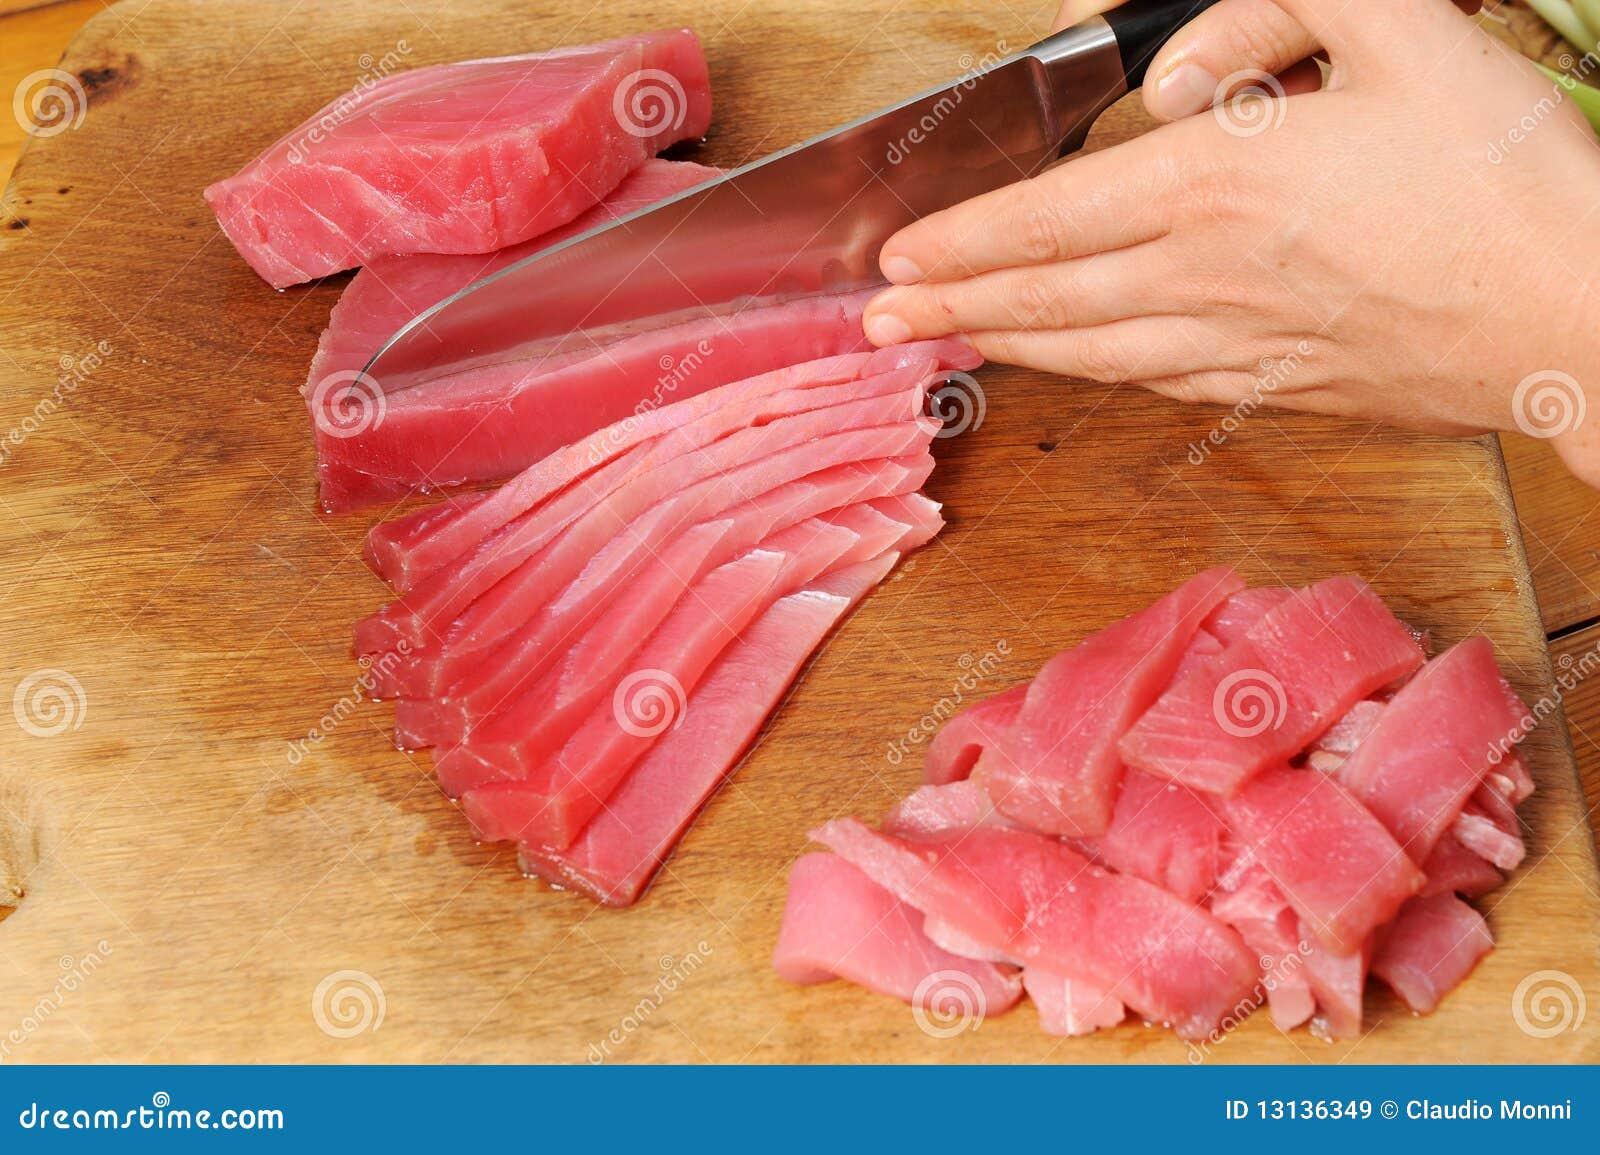 Cooking Tuna Fi...